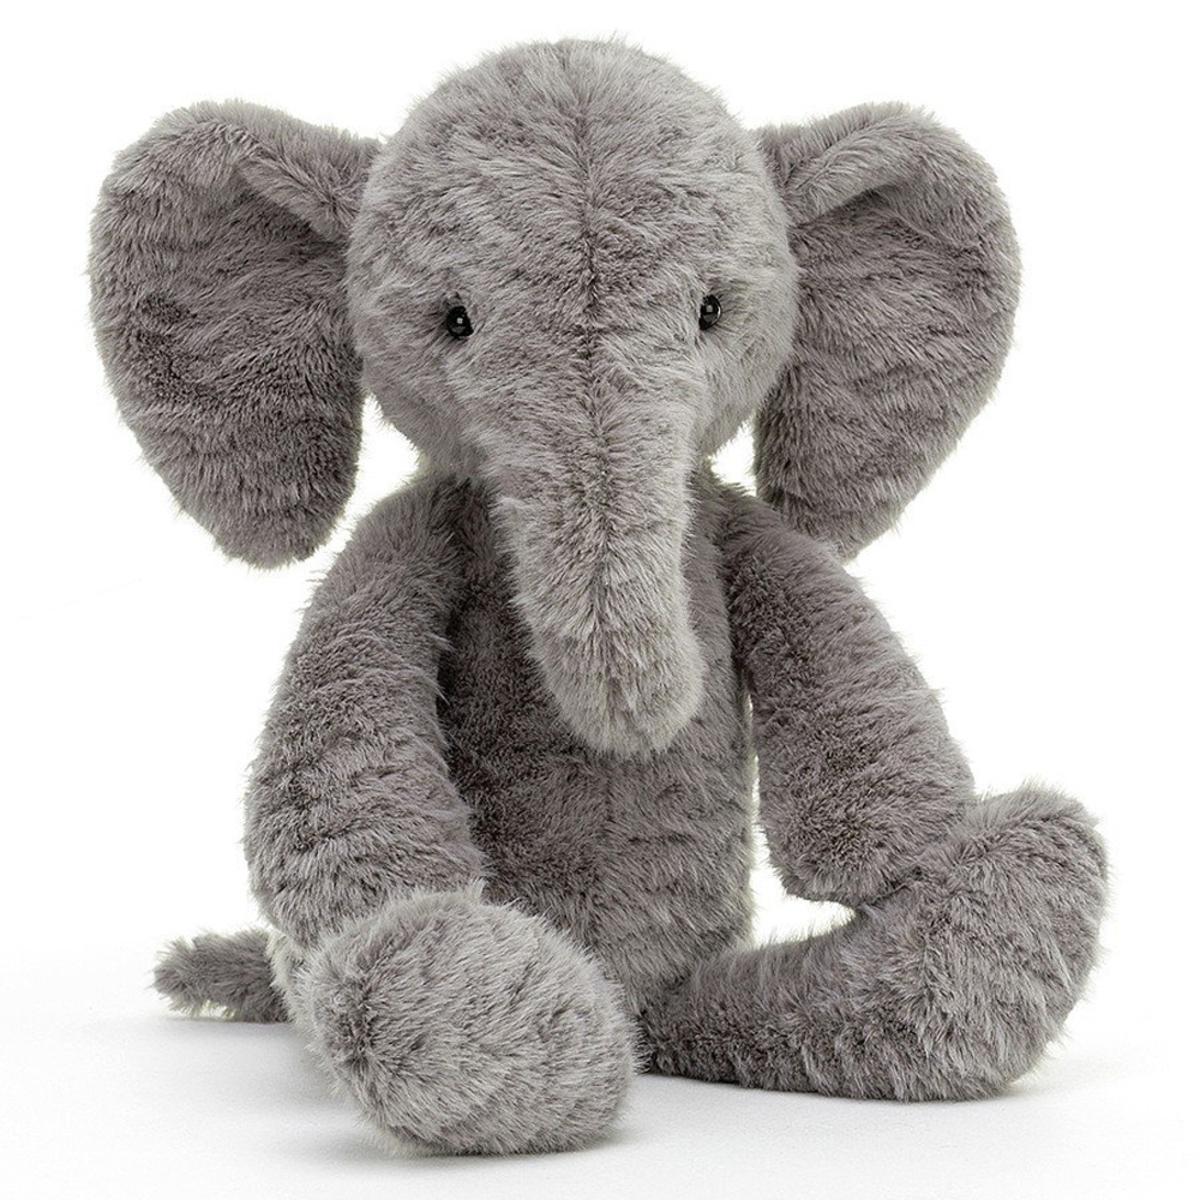 Peluche Rolie Polie Elephant Peluche Eléphant 32 cm